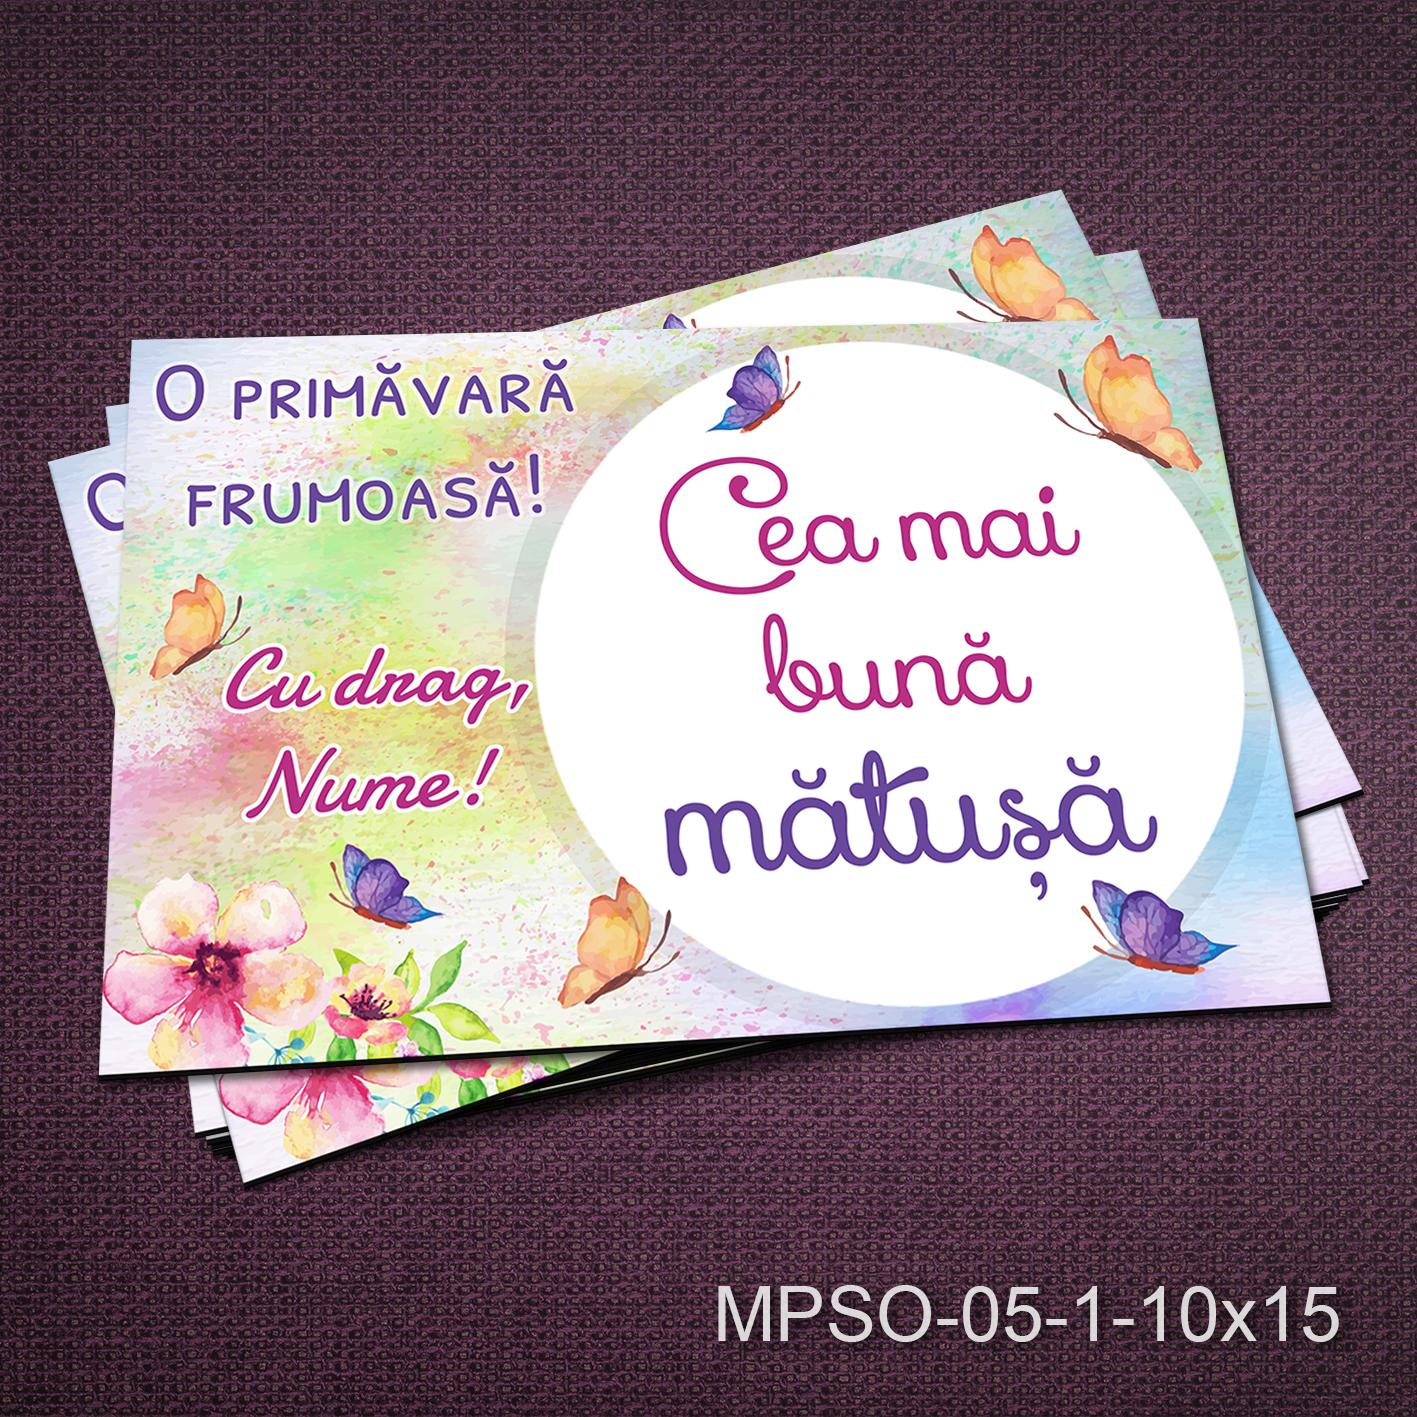 Felicitare magnetica - cea mai buna matusa - MPSO-05-1-10x15